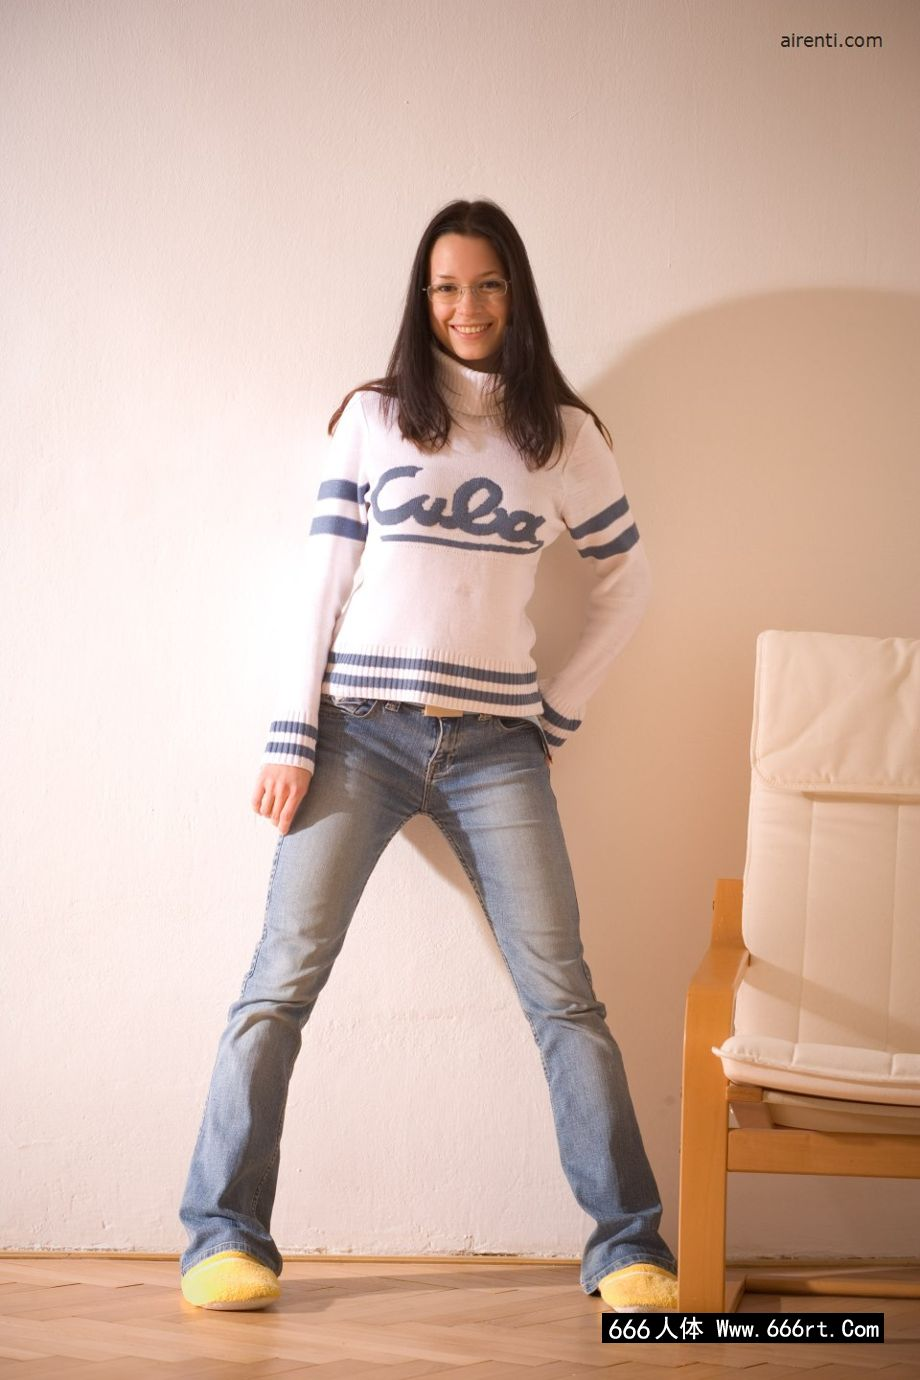 美国高中的学生凯瑟琳在家自拍内裤写照